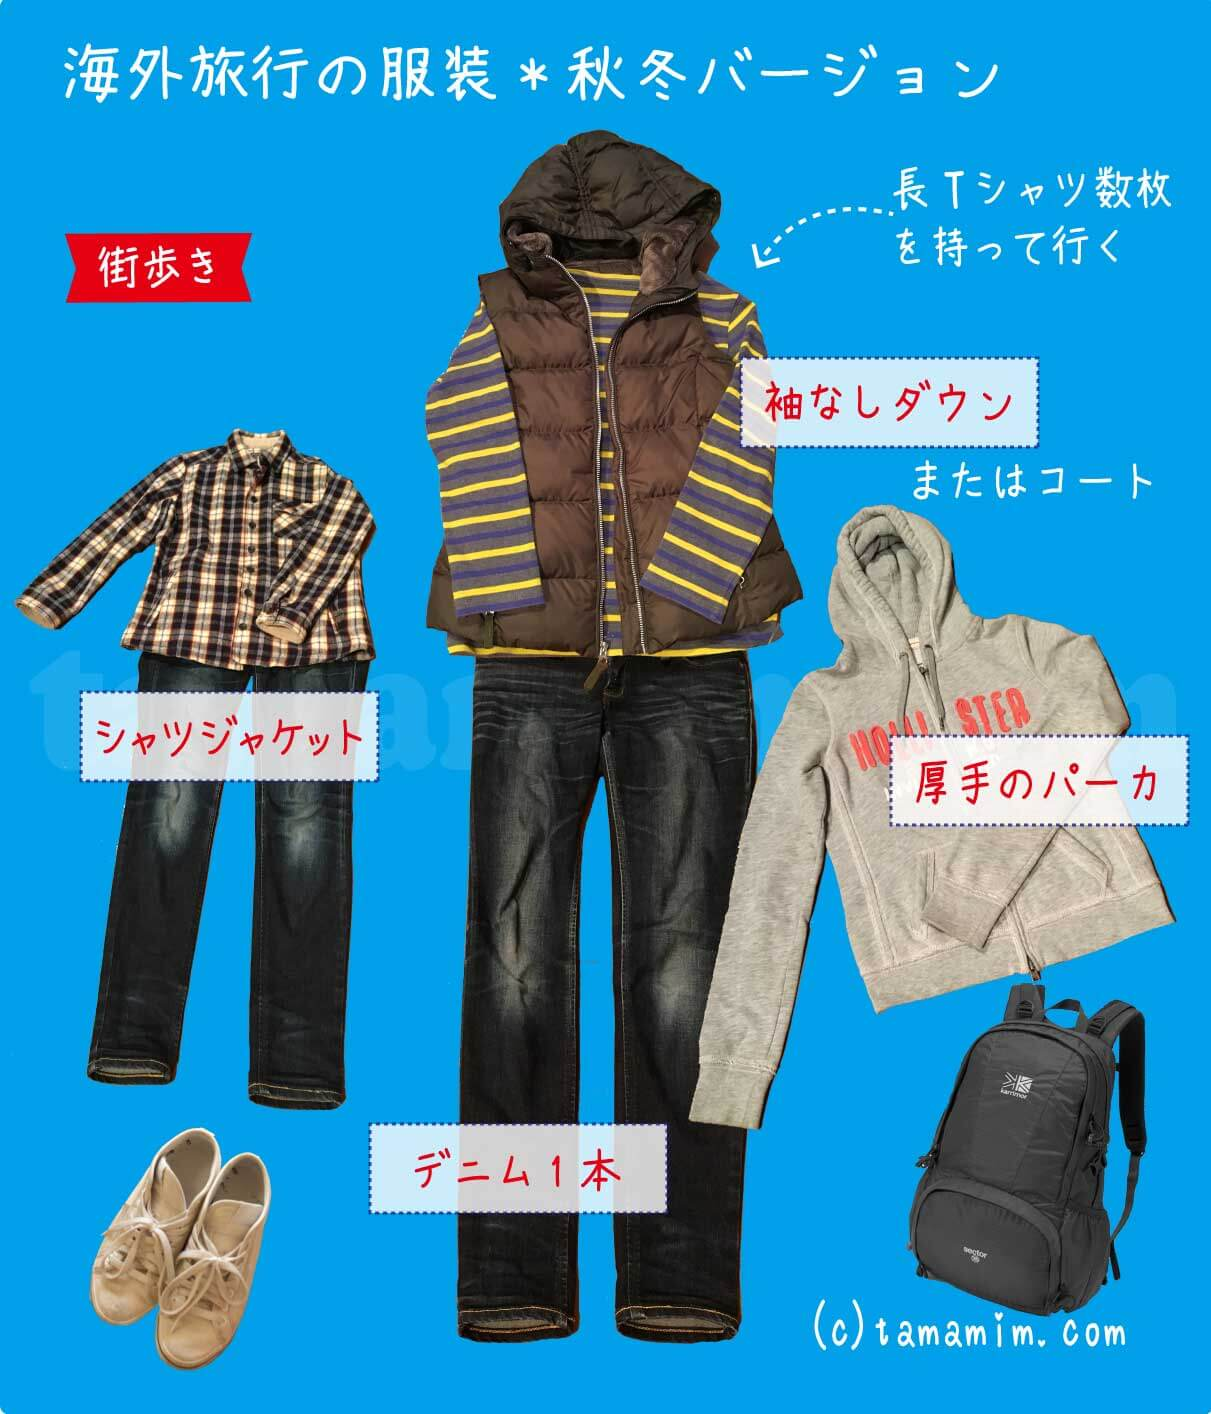 海外旅行ヨーロッパ西欧着ていく服装